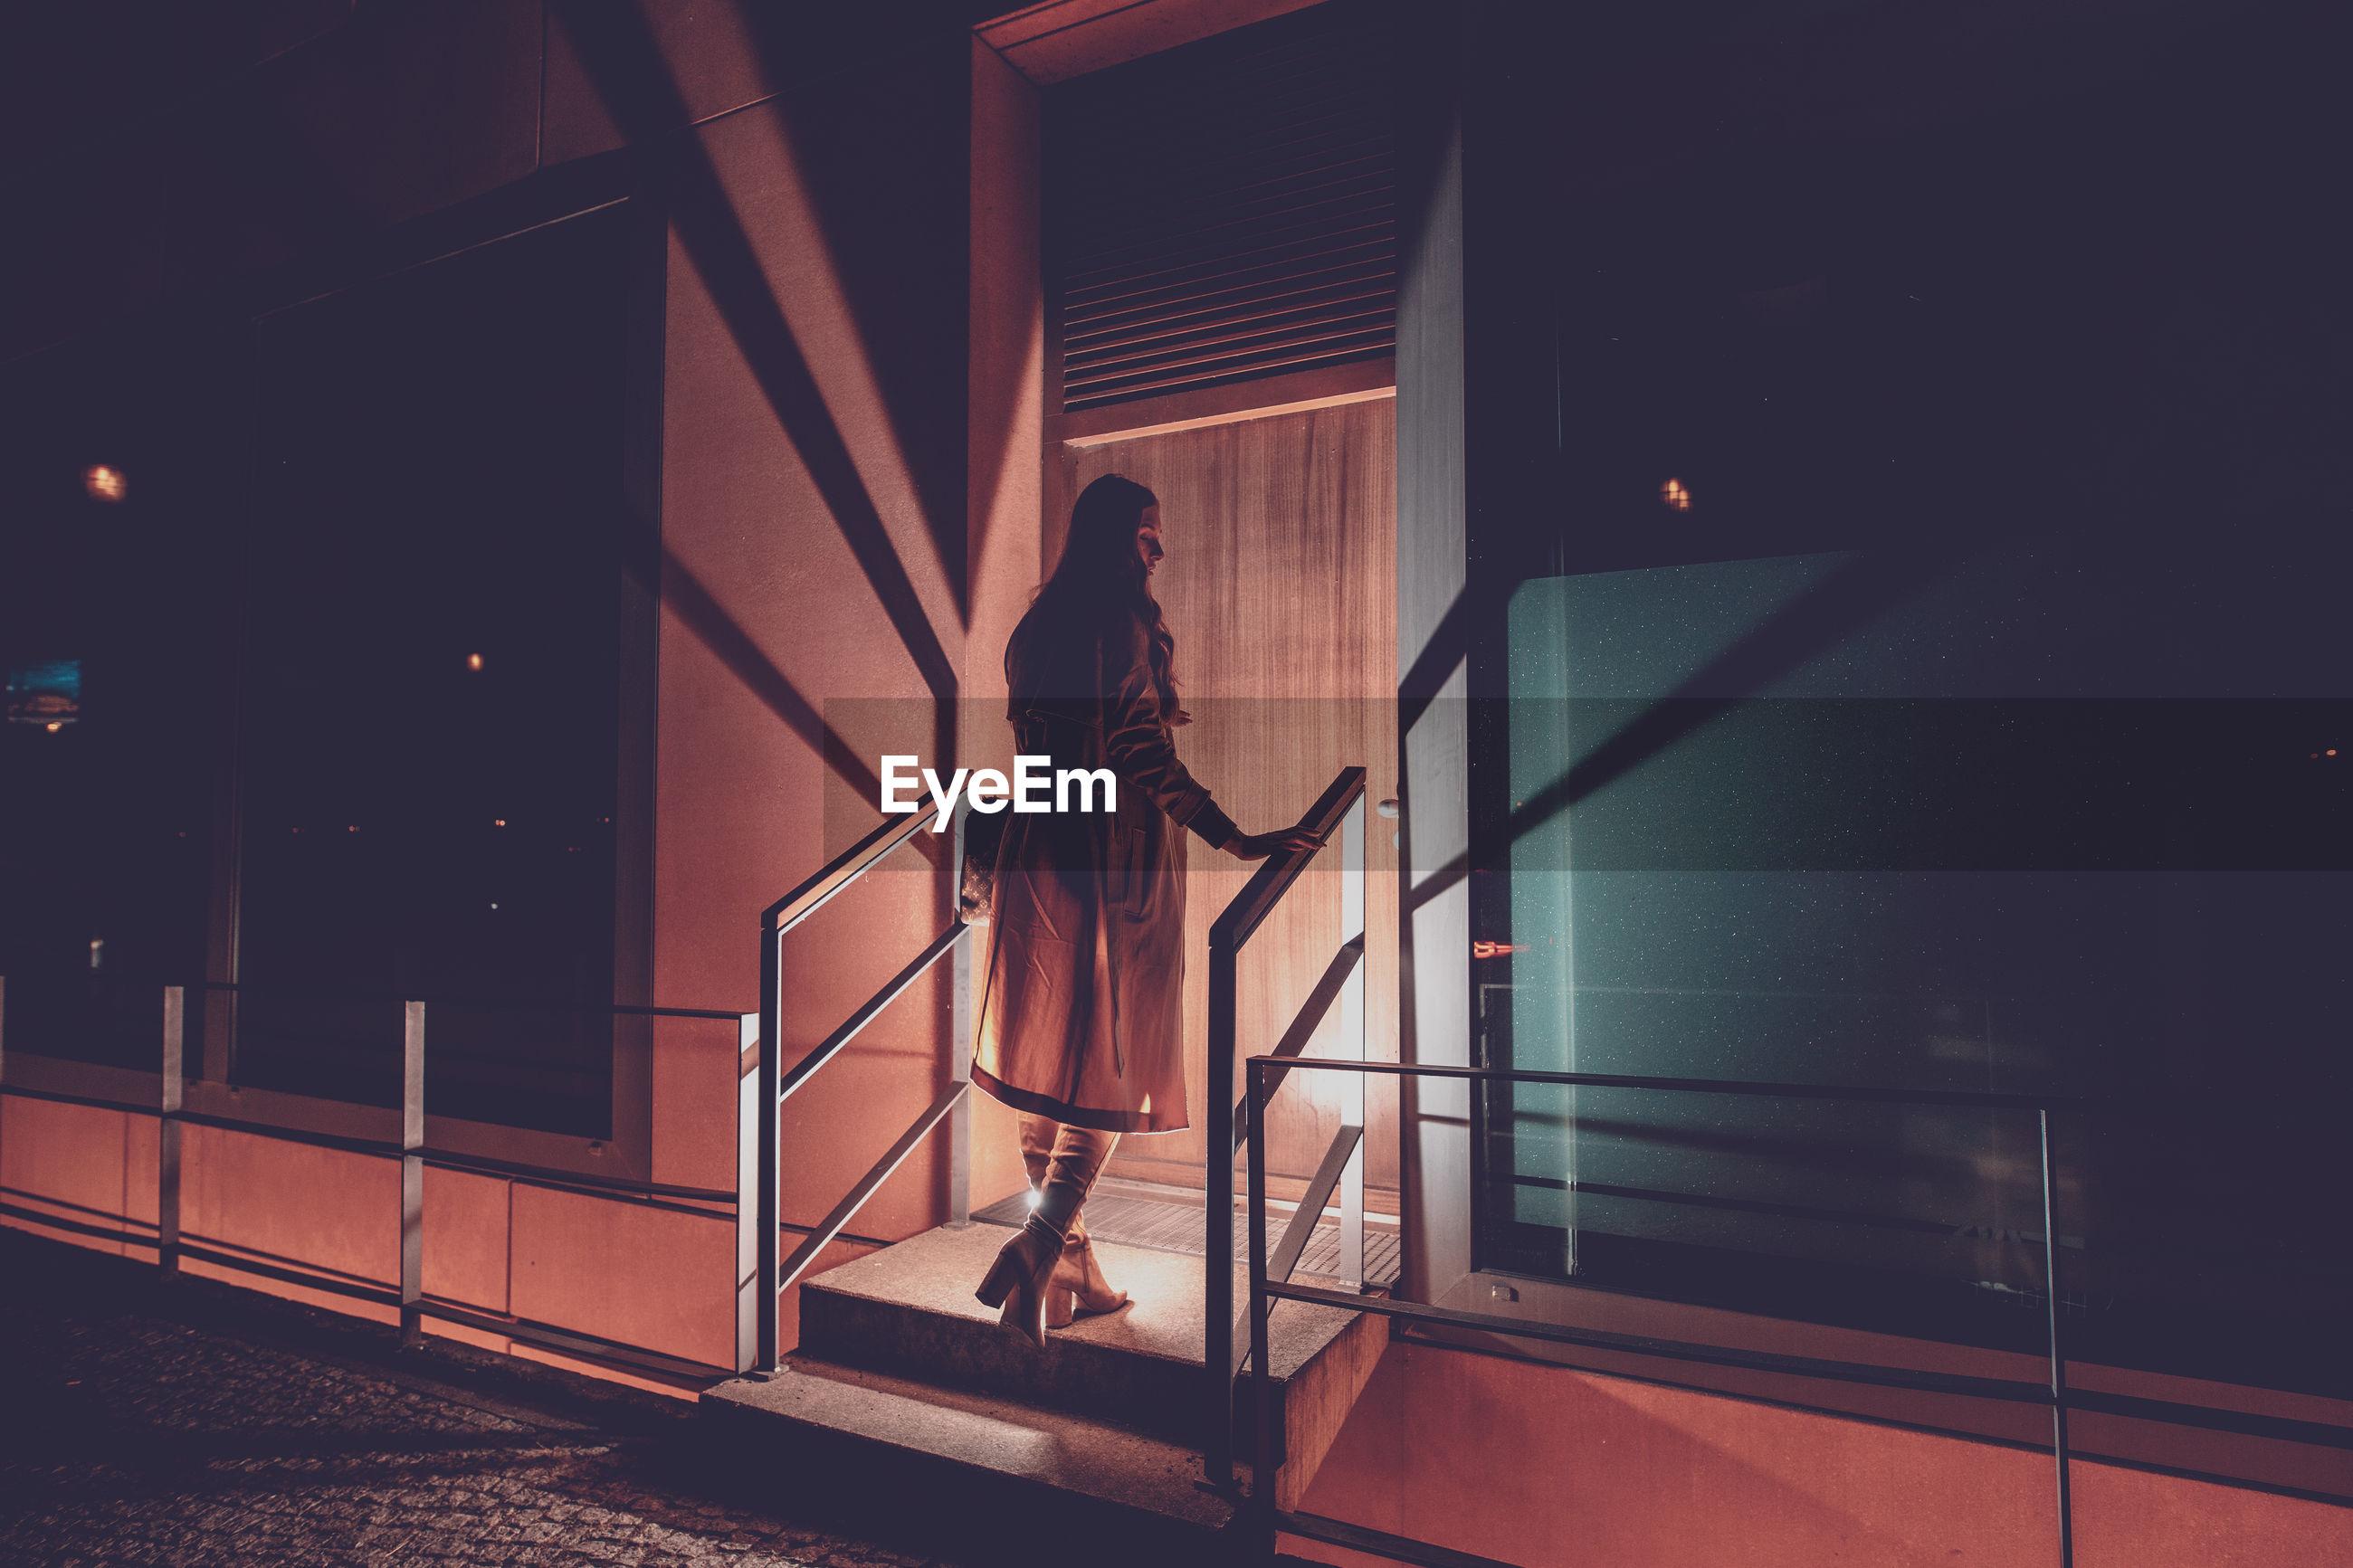 Rear view of woman walking towards entrance at night